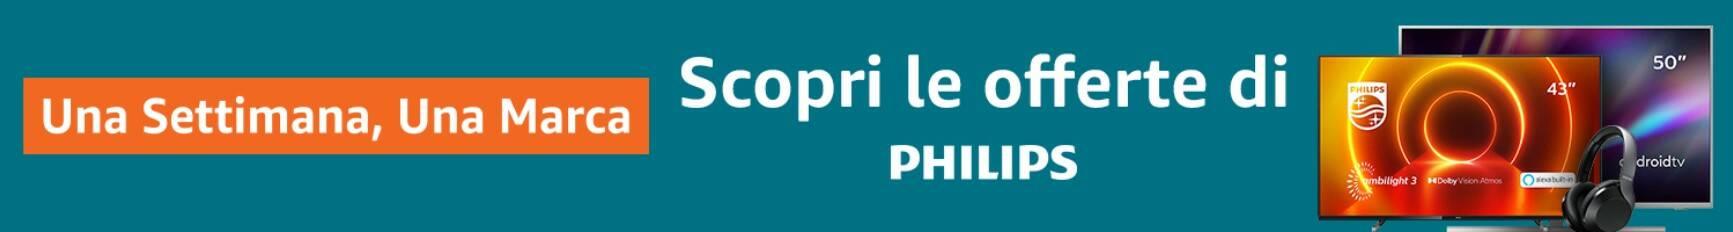 offerta_philips_amazon